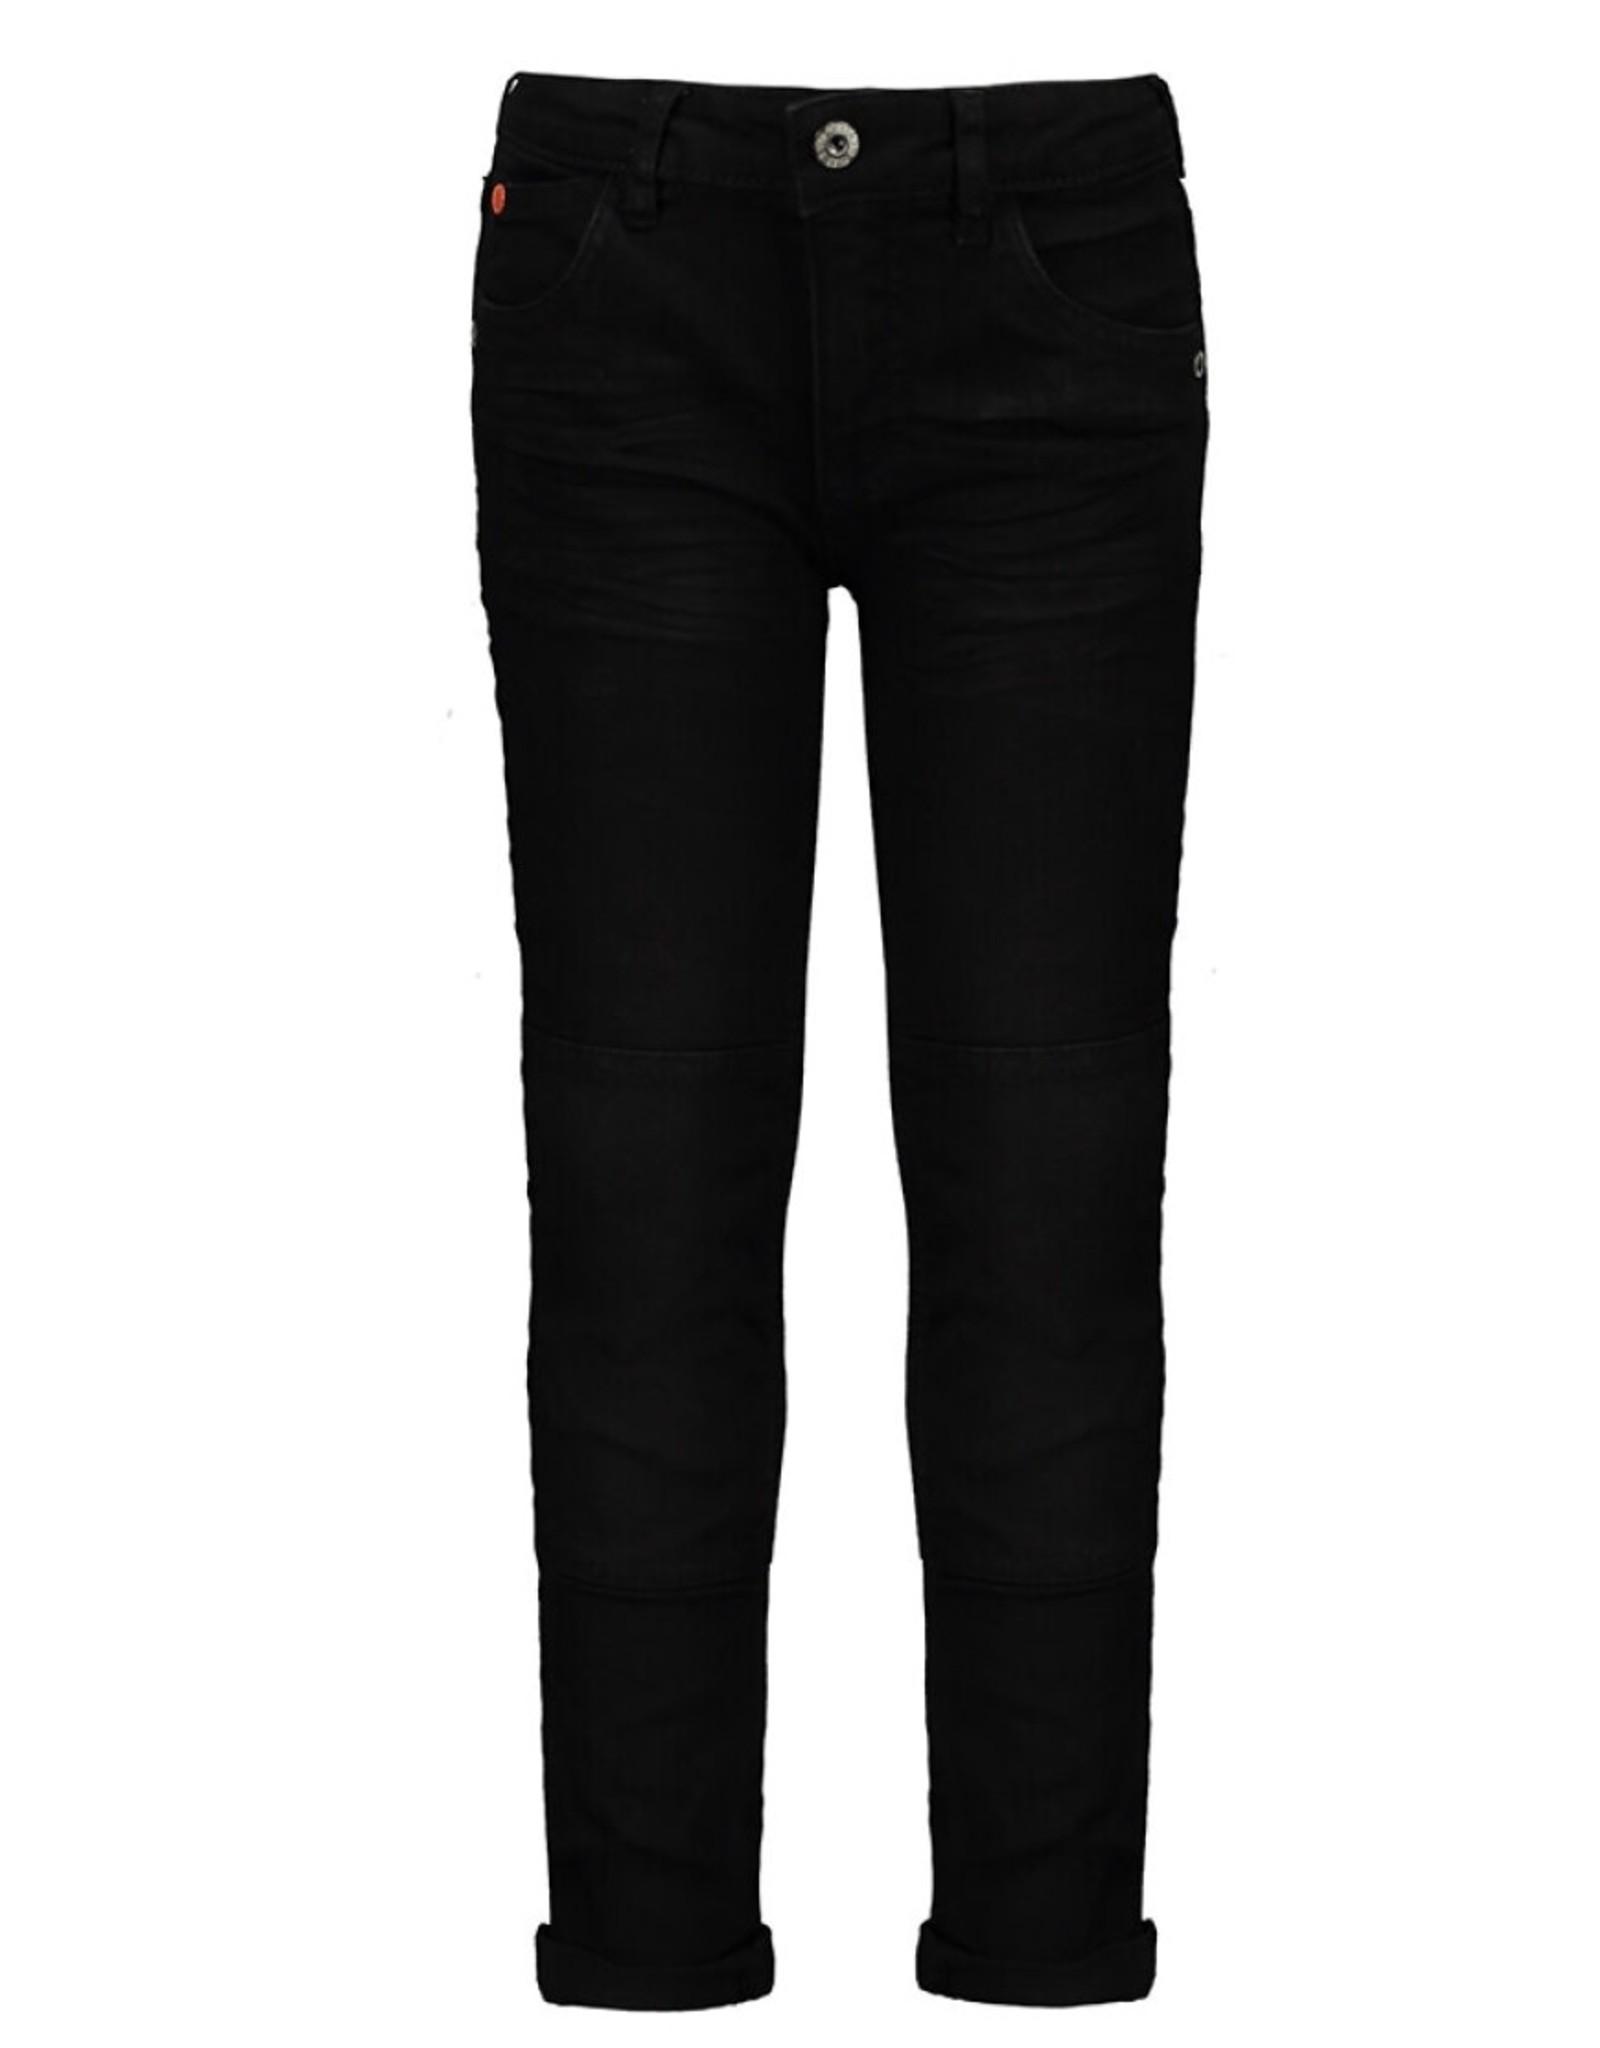 Tygo & vito X010-6616 jeans